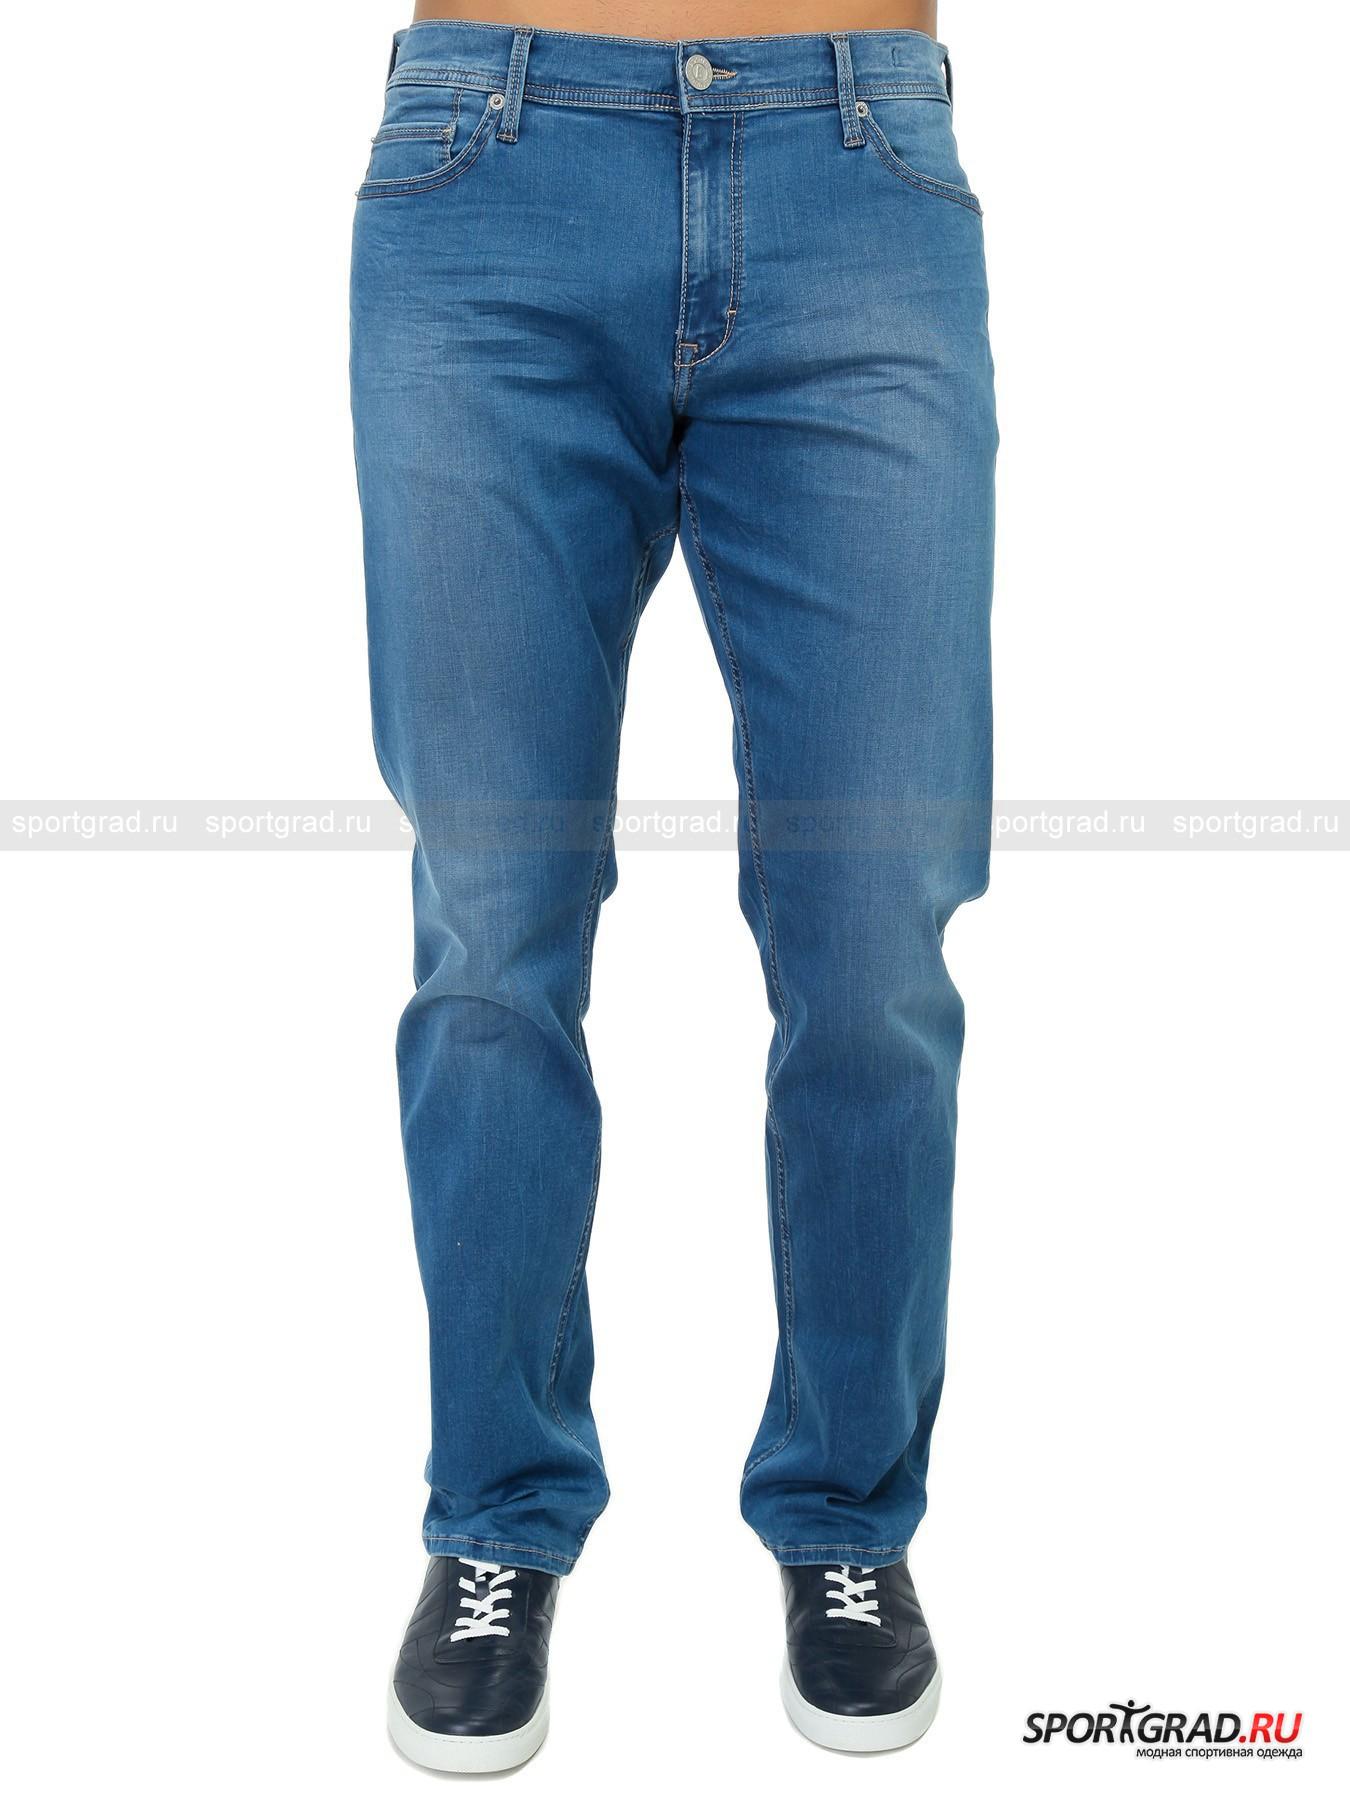 Джинсы мужские JAKE BOGNER JEANSБрюки<br>Оригинальные винтажные джинсы BOGNER JEANS зауженного кроя.  Зауженный по всей длине крой Slim Fit – выбор обладателей гармоничного, атлетического телосложения, привыкших акцентировать внимание на красоте своей фигуры. Эта стильная модель изготовлена из мягкого хлопкового денима стрейтч с очень приятной телу фактурой. <br>Джинсы имеют:<br>- 5 карманов;<br>- усиленную контрастную прострочку всех швов; <br>- небольшой логотип BOGNER на правом заднем кармане, выполненный из анодированного алюминия; <br>- стильный кожаный ярлык-шлёвку с выдавленной надписью BOGNER JEANS на поясе;<br>- изысканную металлическую фурнитуру с символикой BOGNER.<br><br>Пол: Мужской<br>Возраст: Взрослый<br>Тип: Брюки<br>Рекомендации по уходу: Деликатная ручная стирка при температуре 30 градусов, щадящий ручной отжим, гладить при температуре до 110 градусов.<br>Состав: 88% хлопок, 8% полиэстер, 4% эластан